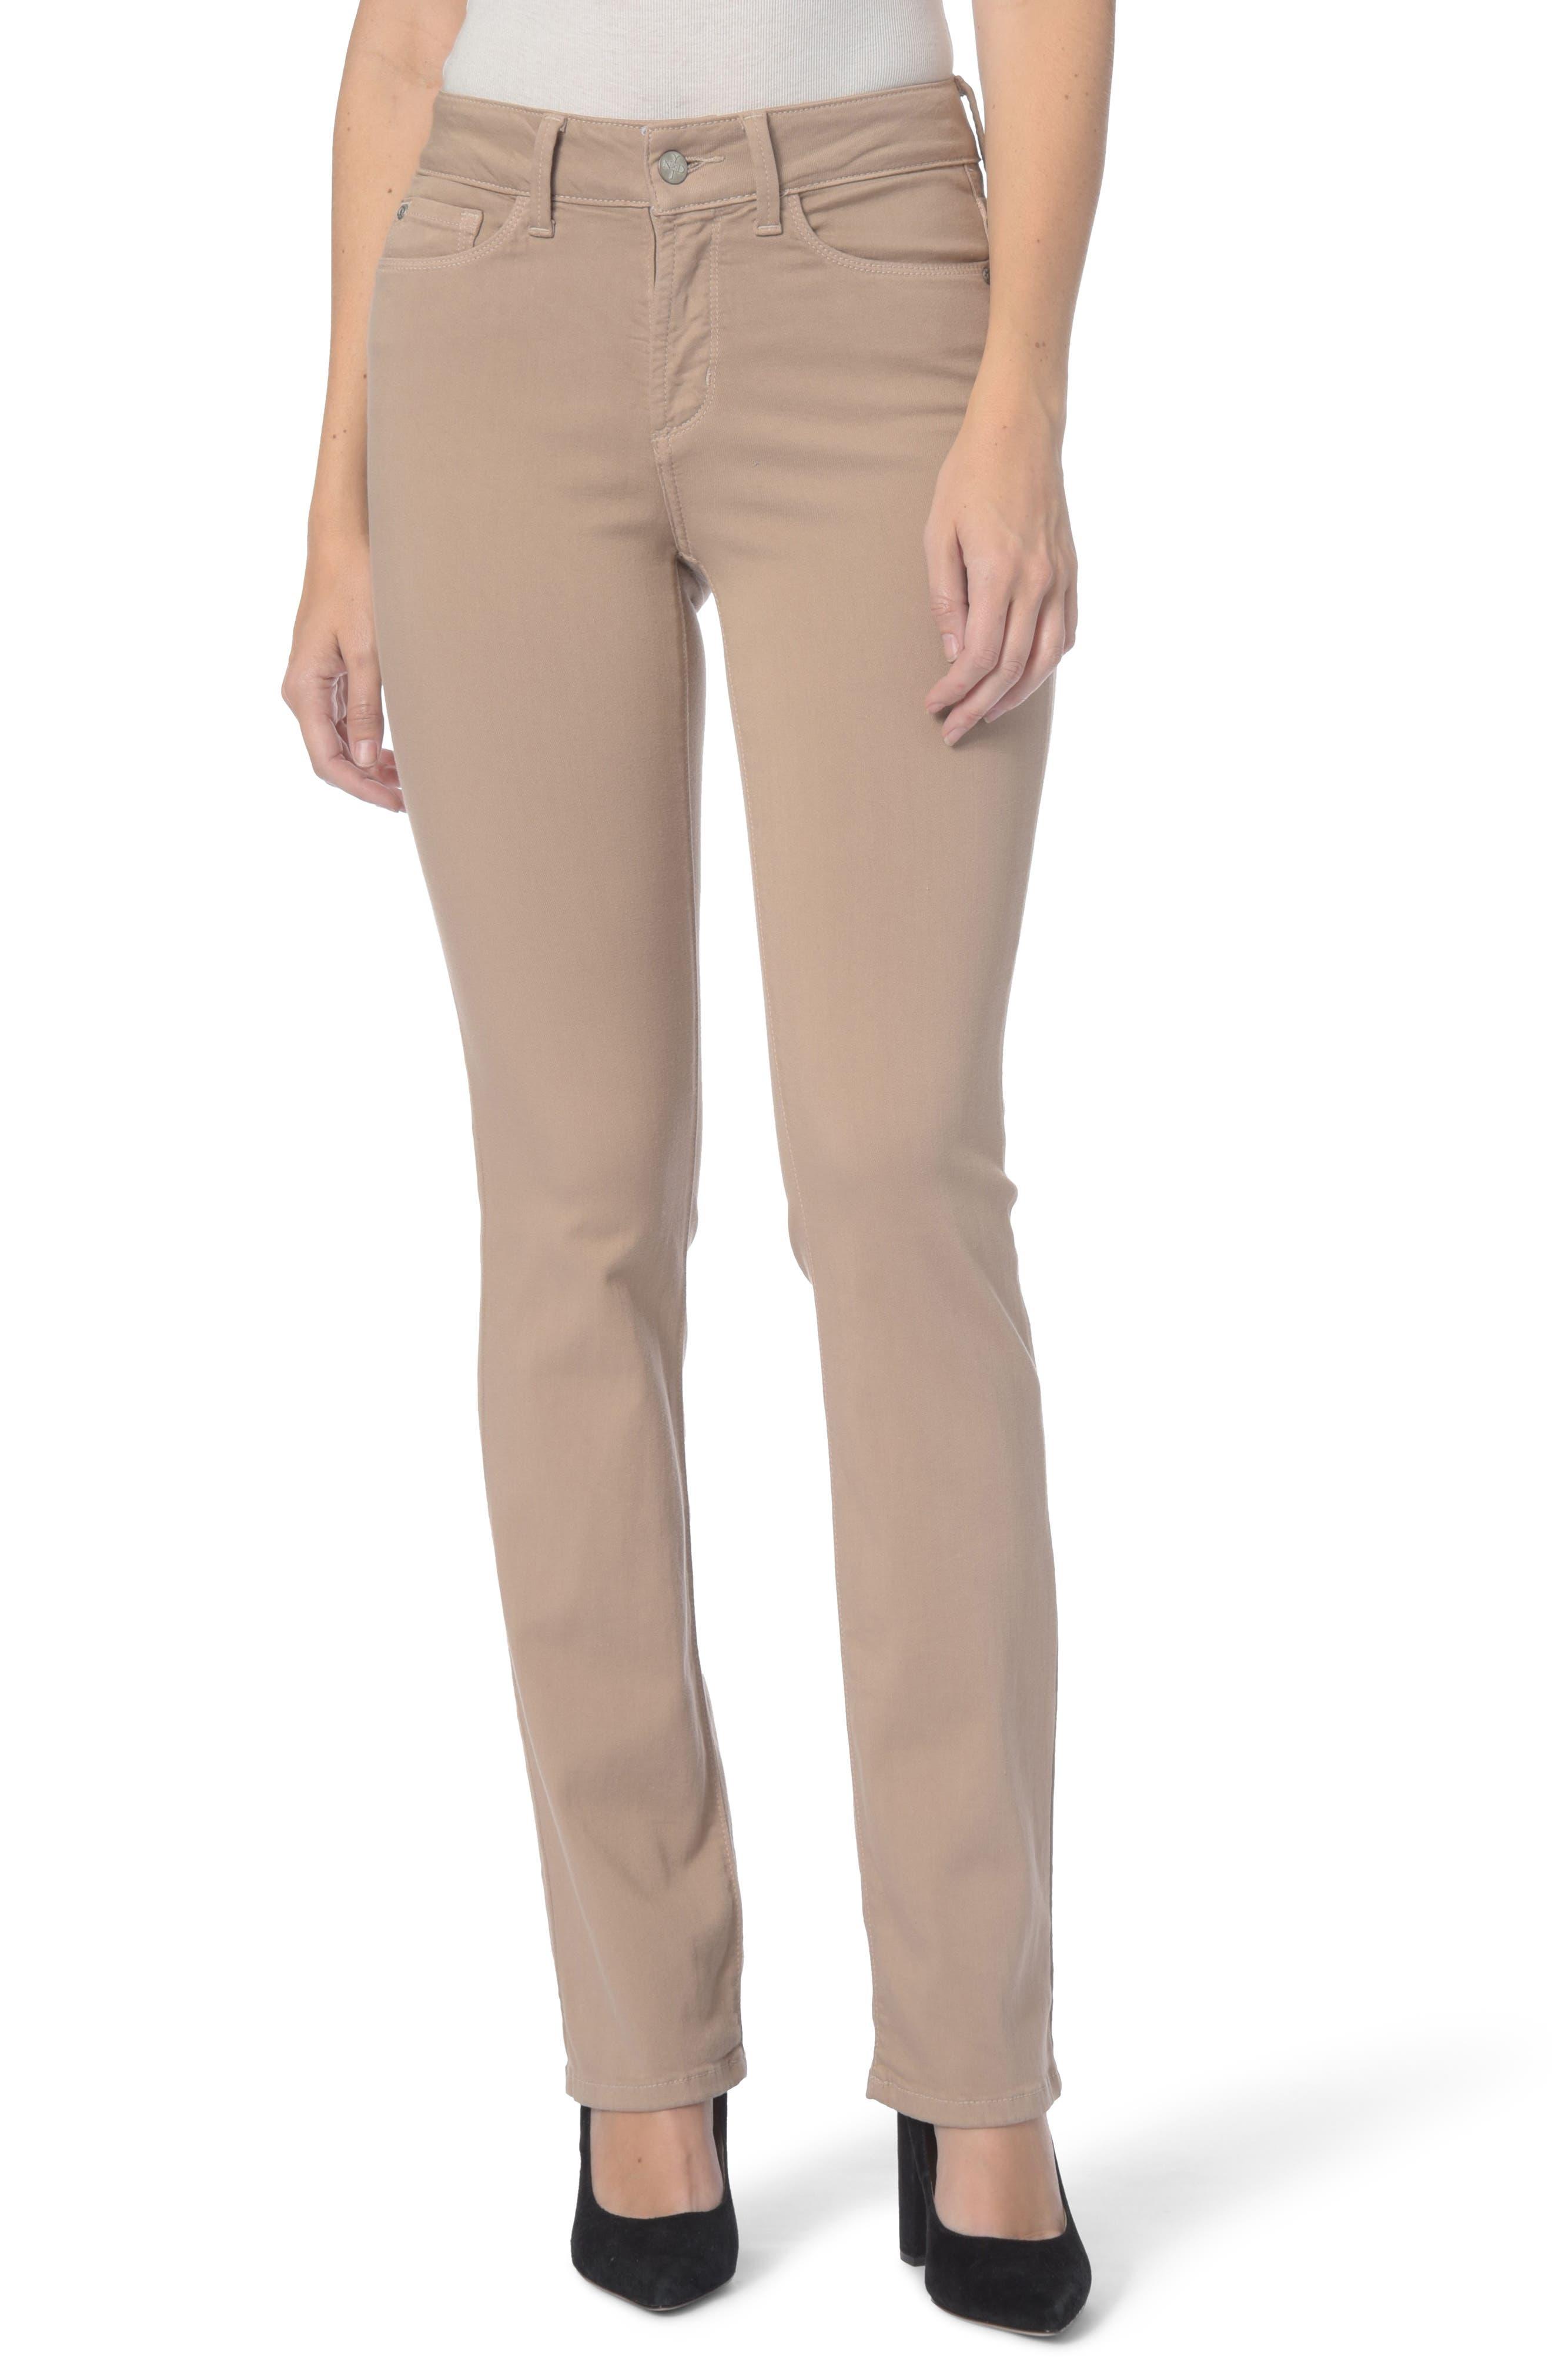 Beige Pants For Women NJANdzis